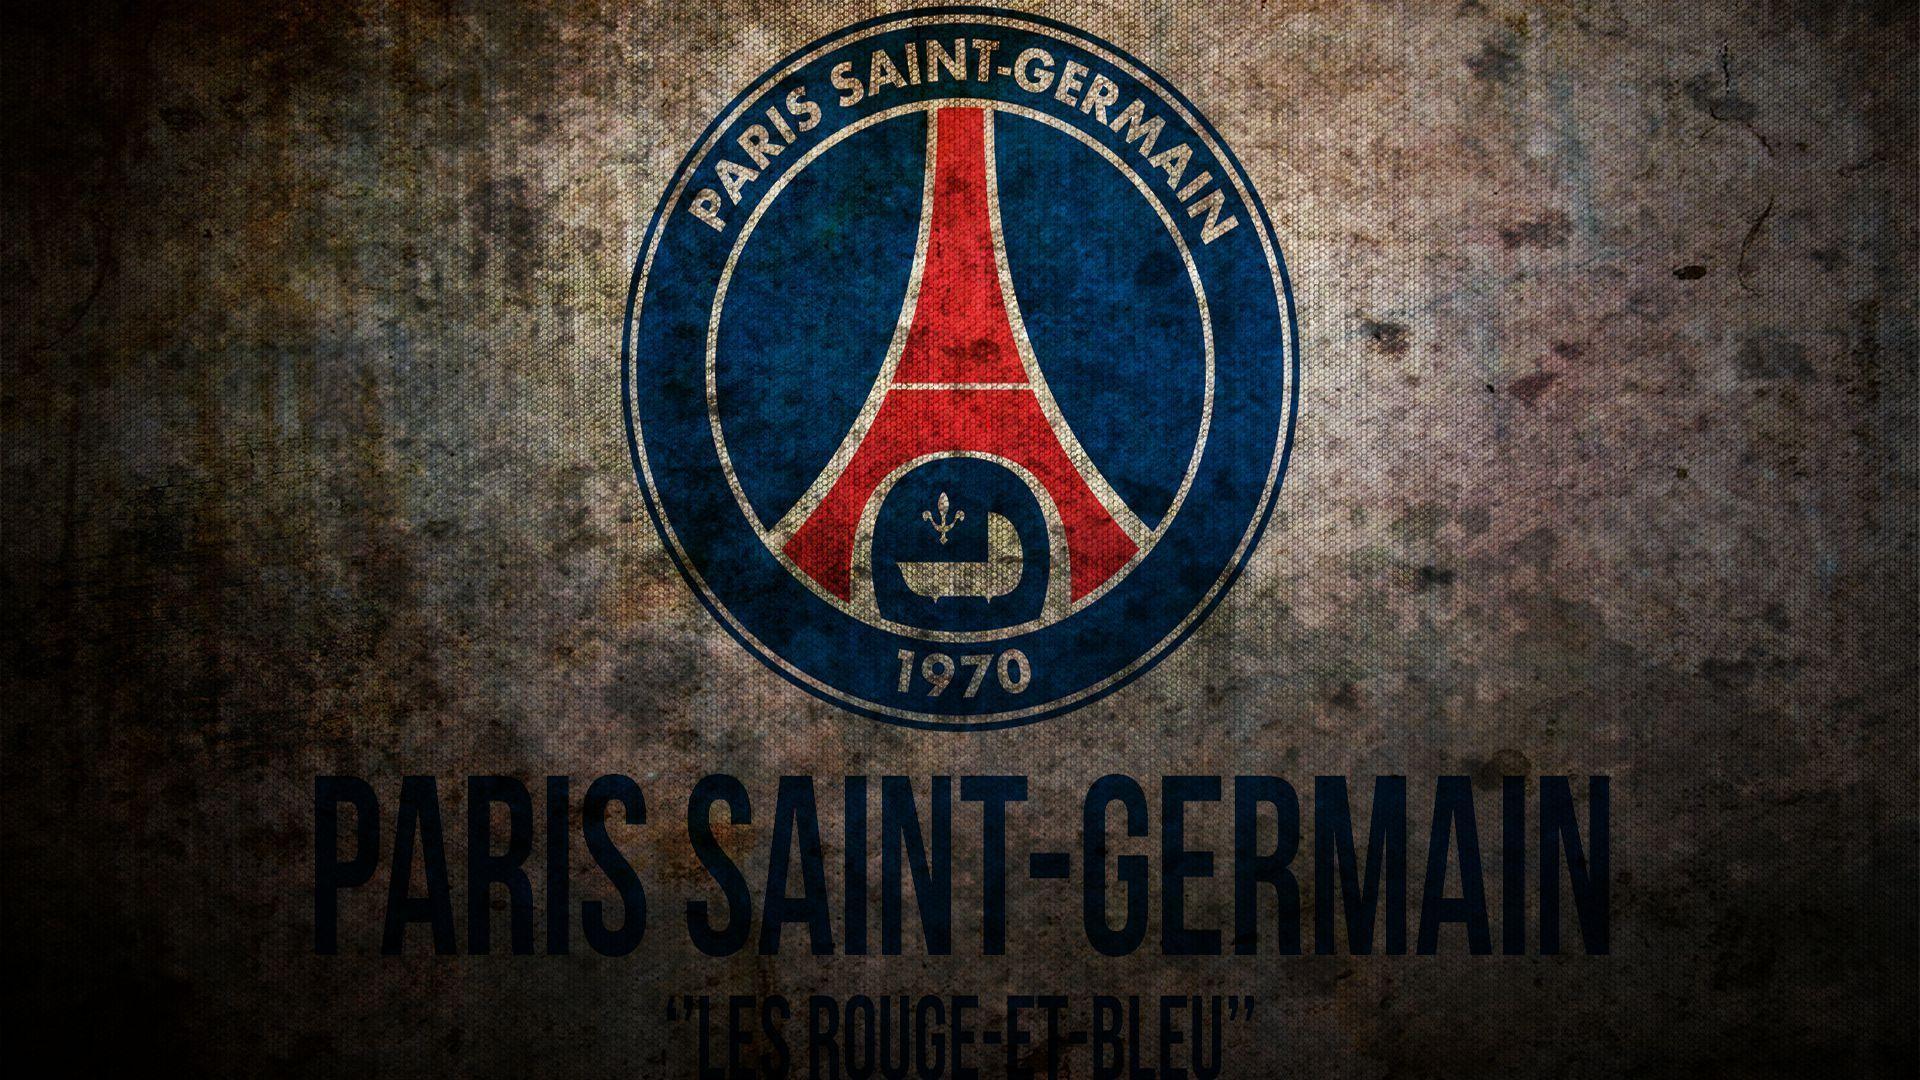 Daftar Wallpapers Paris Saint Germain | wallpaper kece